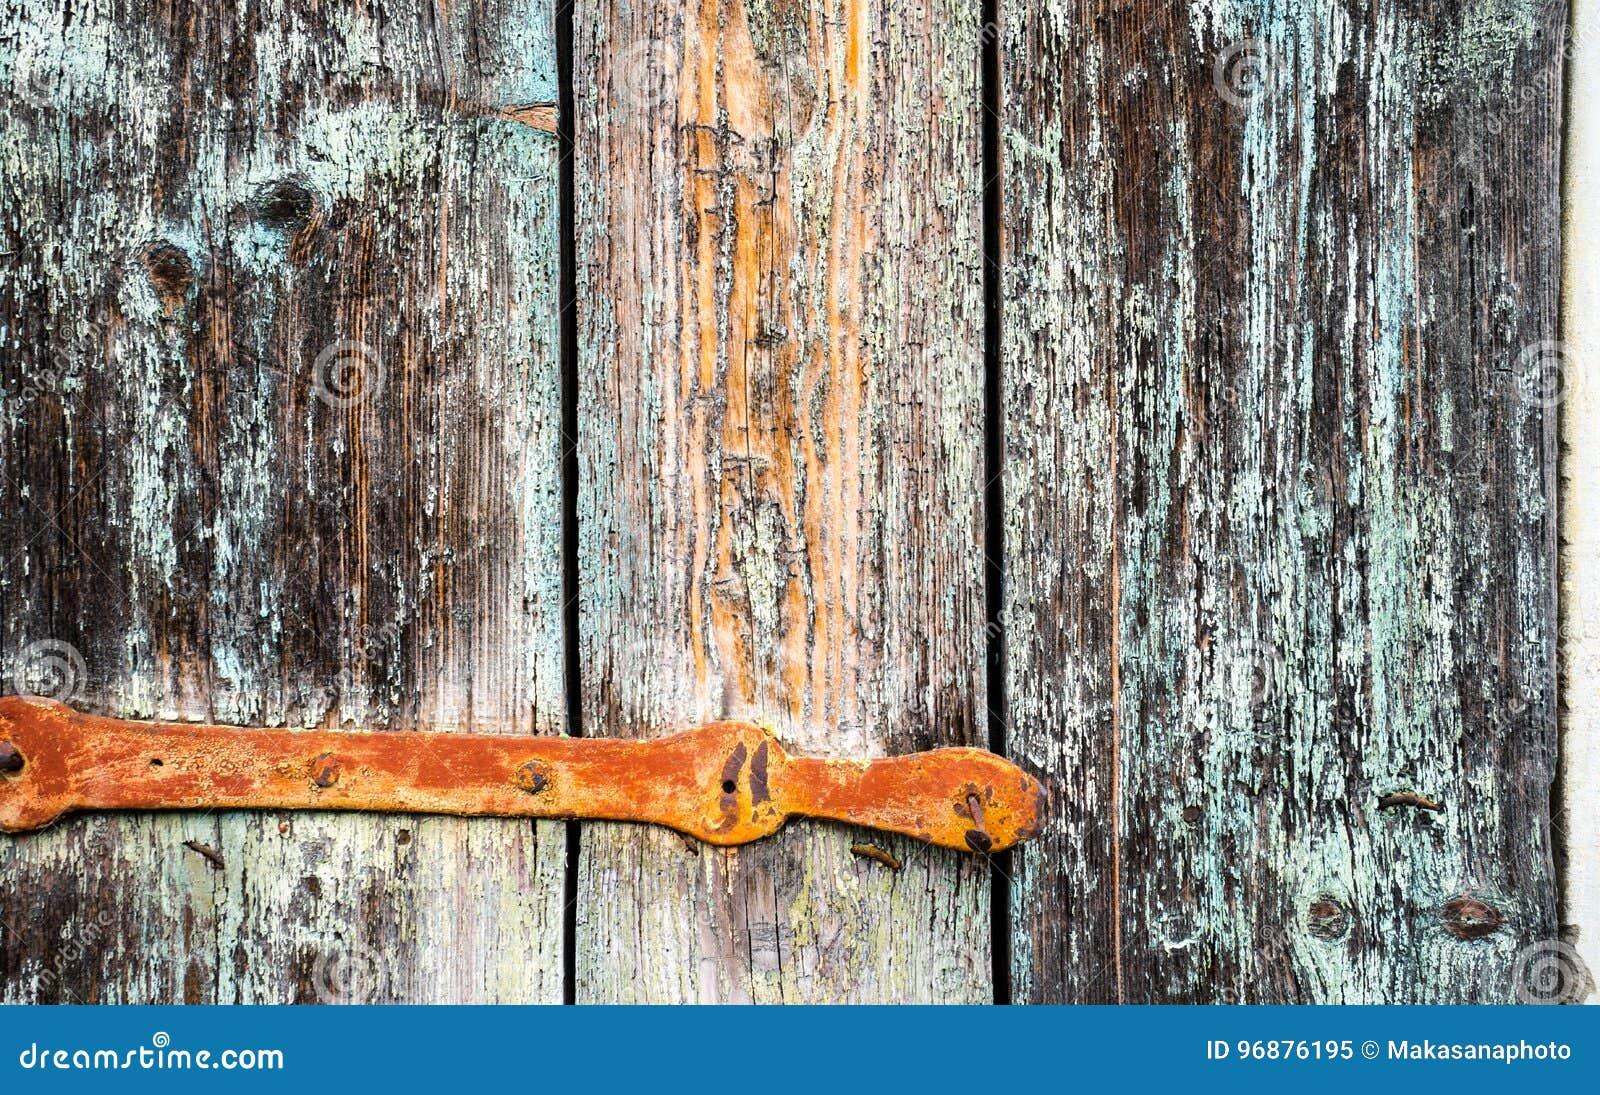 Szczegół stara drewniana żaluzja z metalu zawiasem